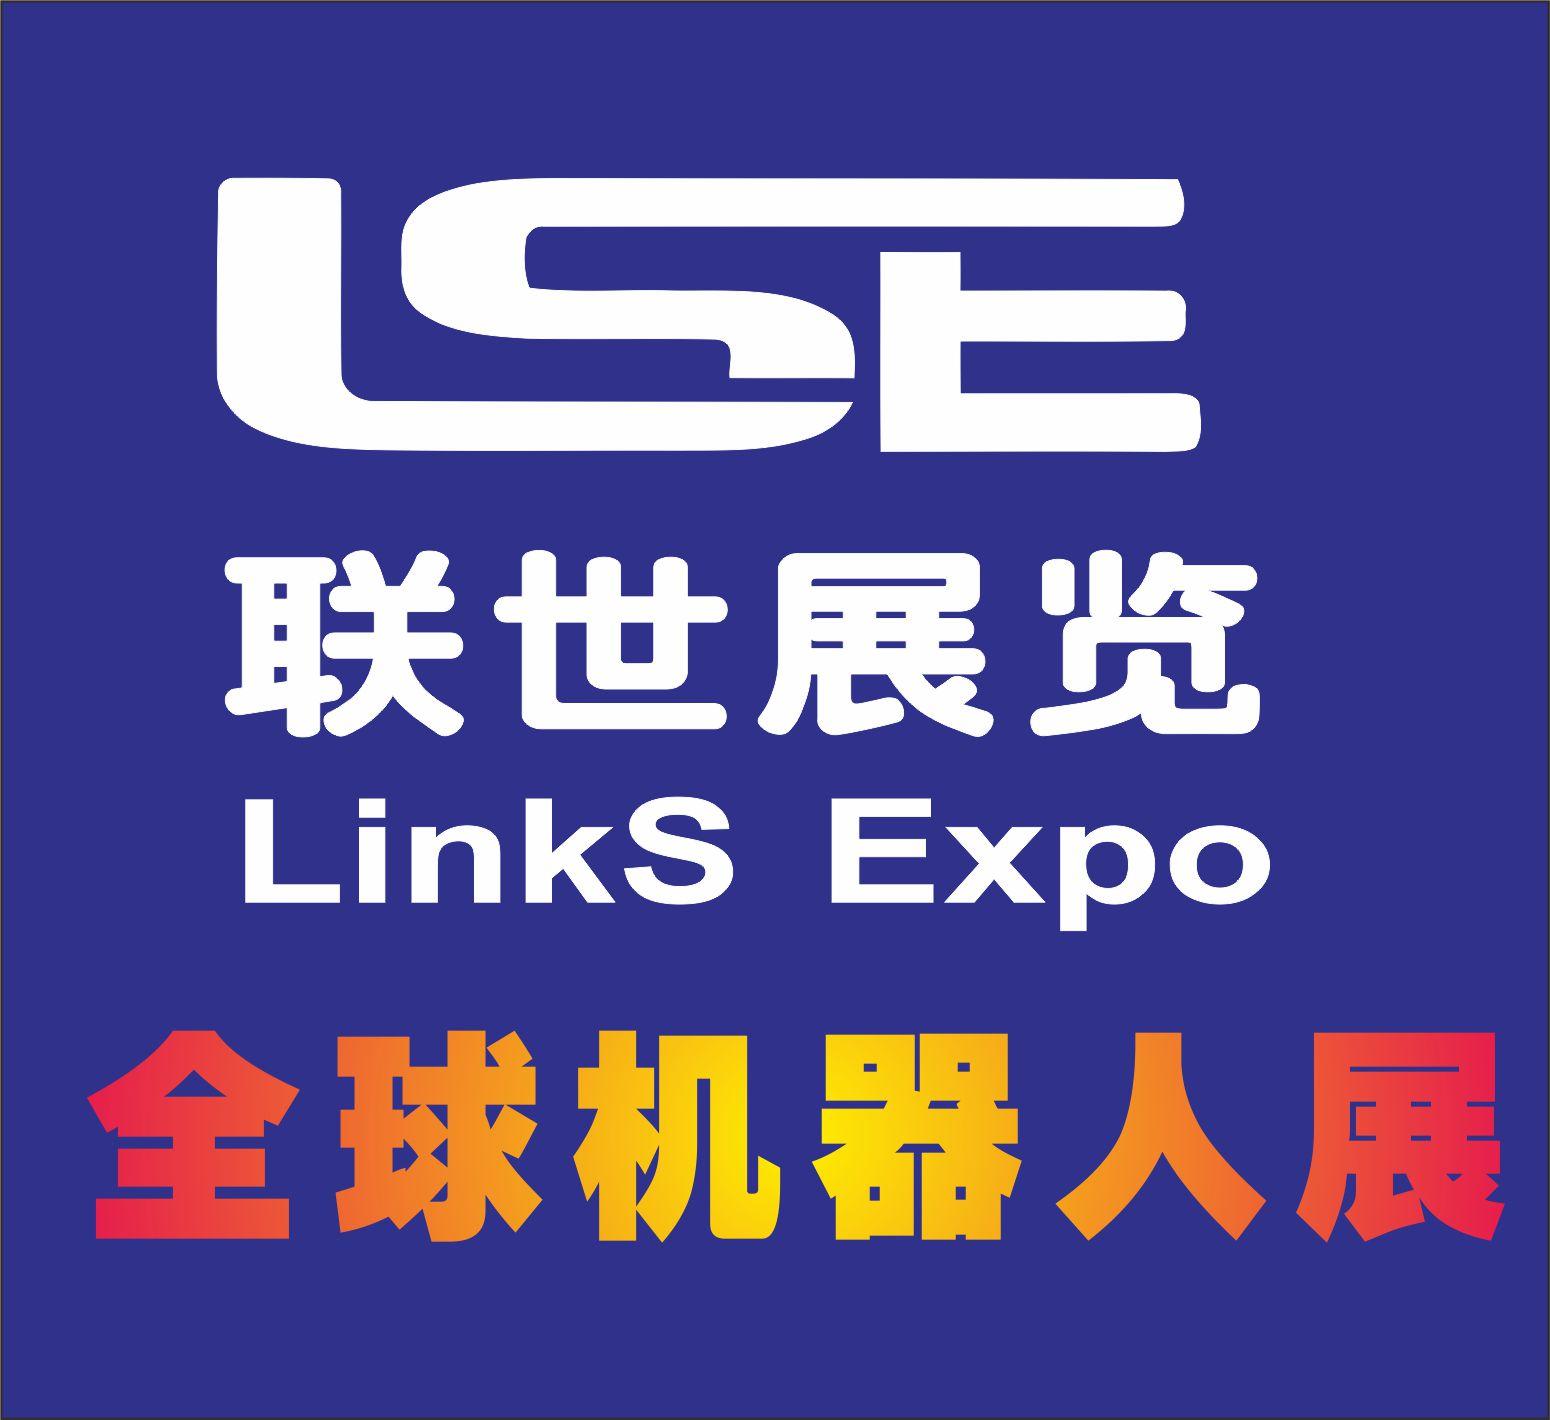 2017年日本机器人展览会(IREX)